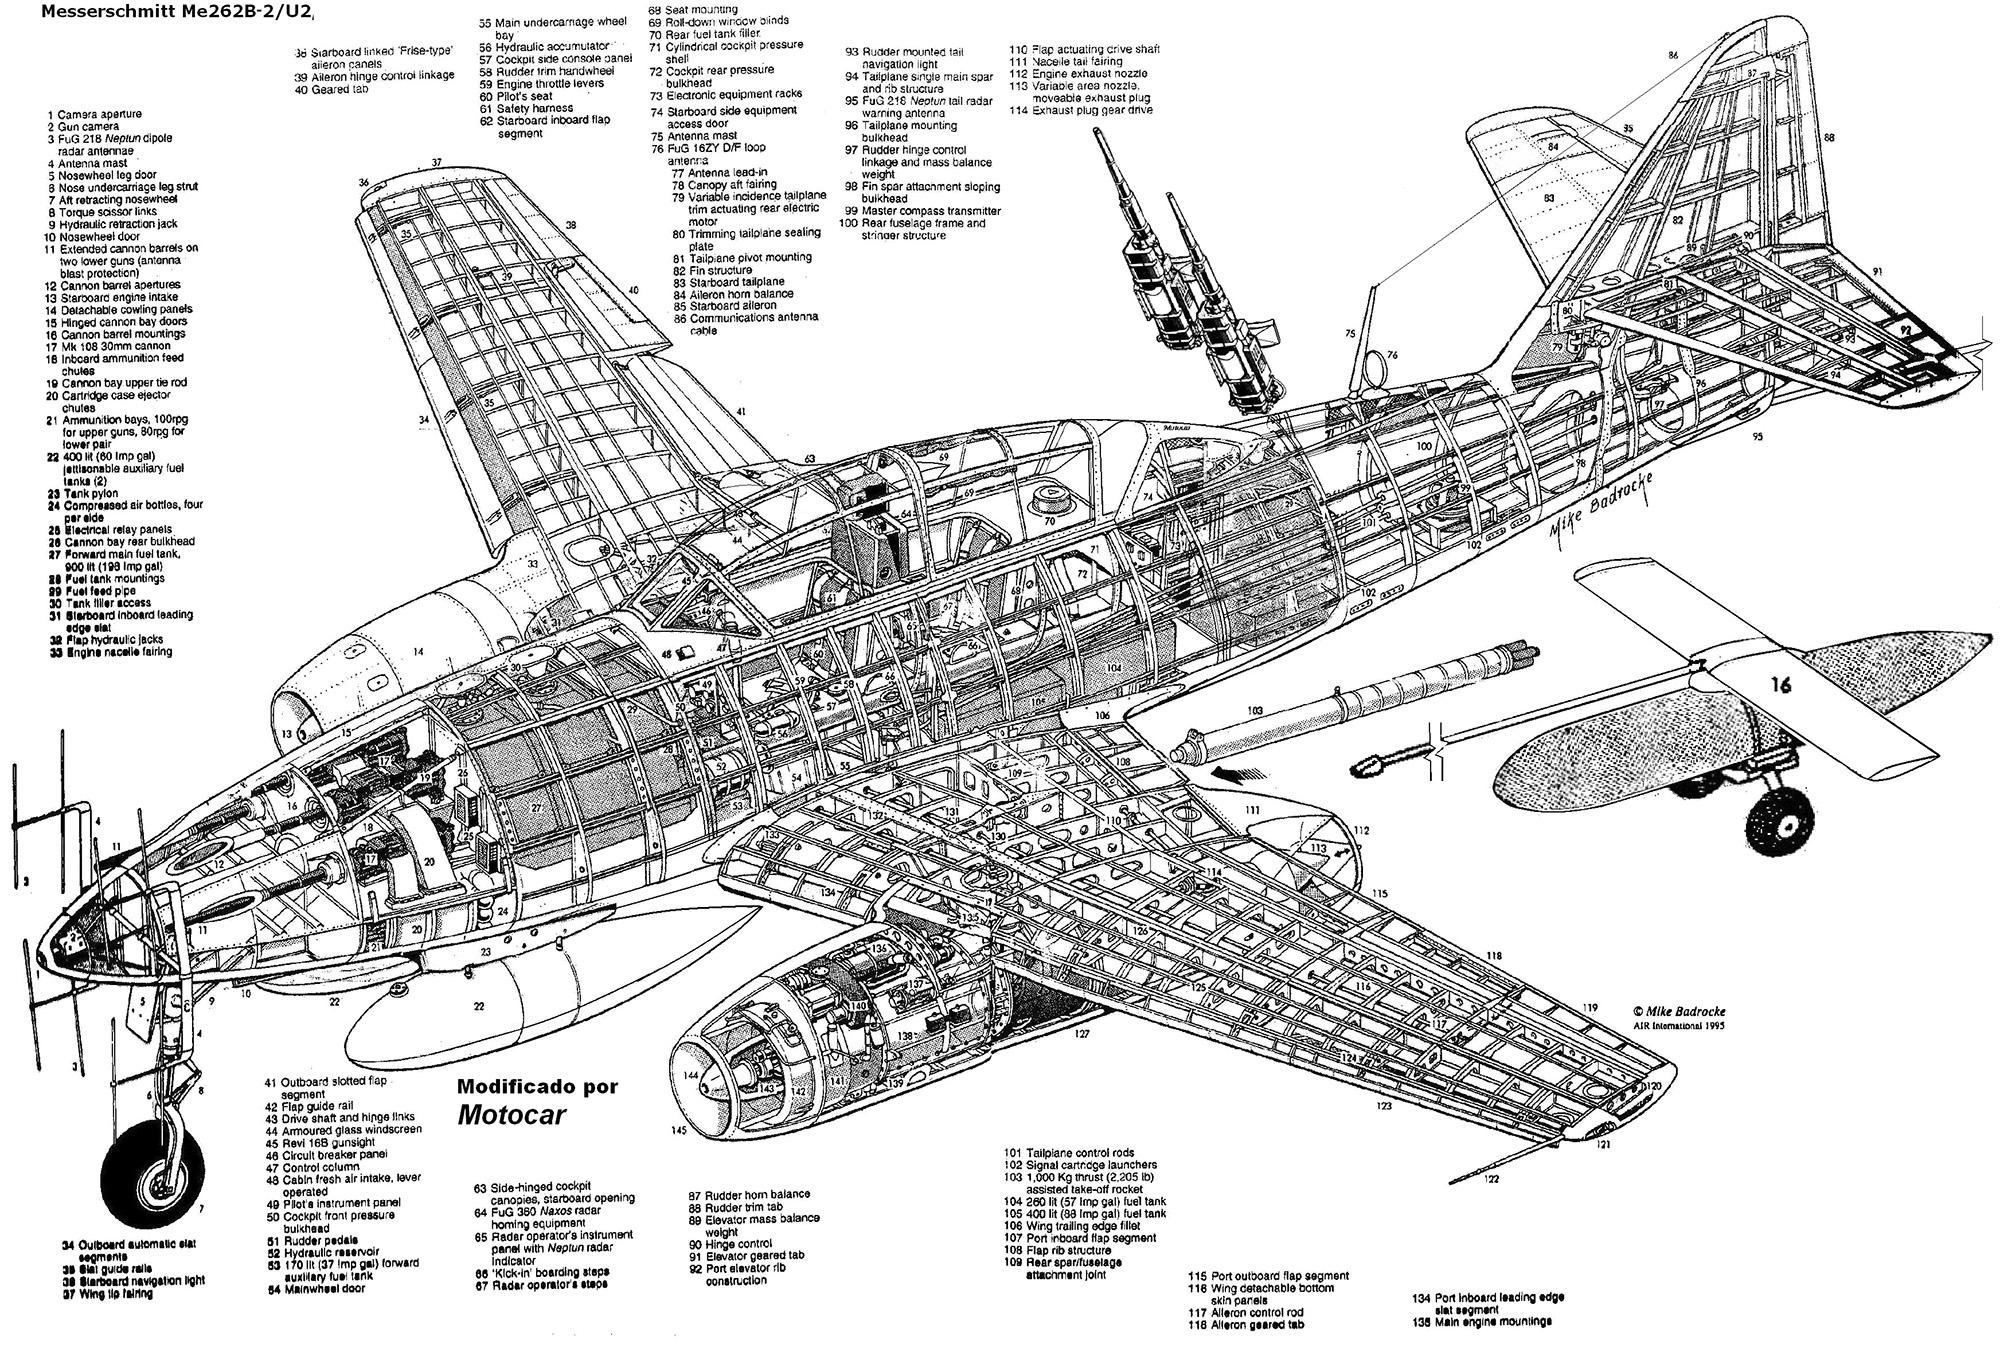 Messerschmitt Me-262 PDF eBook & Aircraft Flight Manual